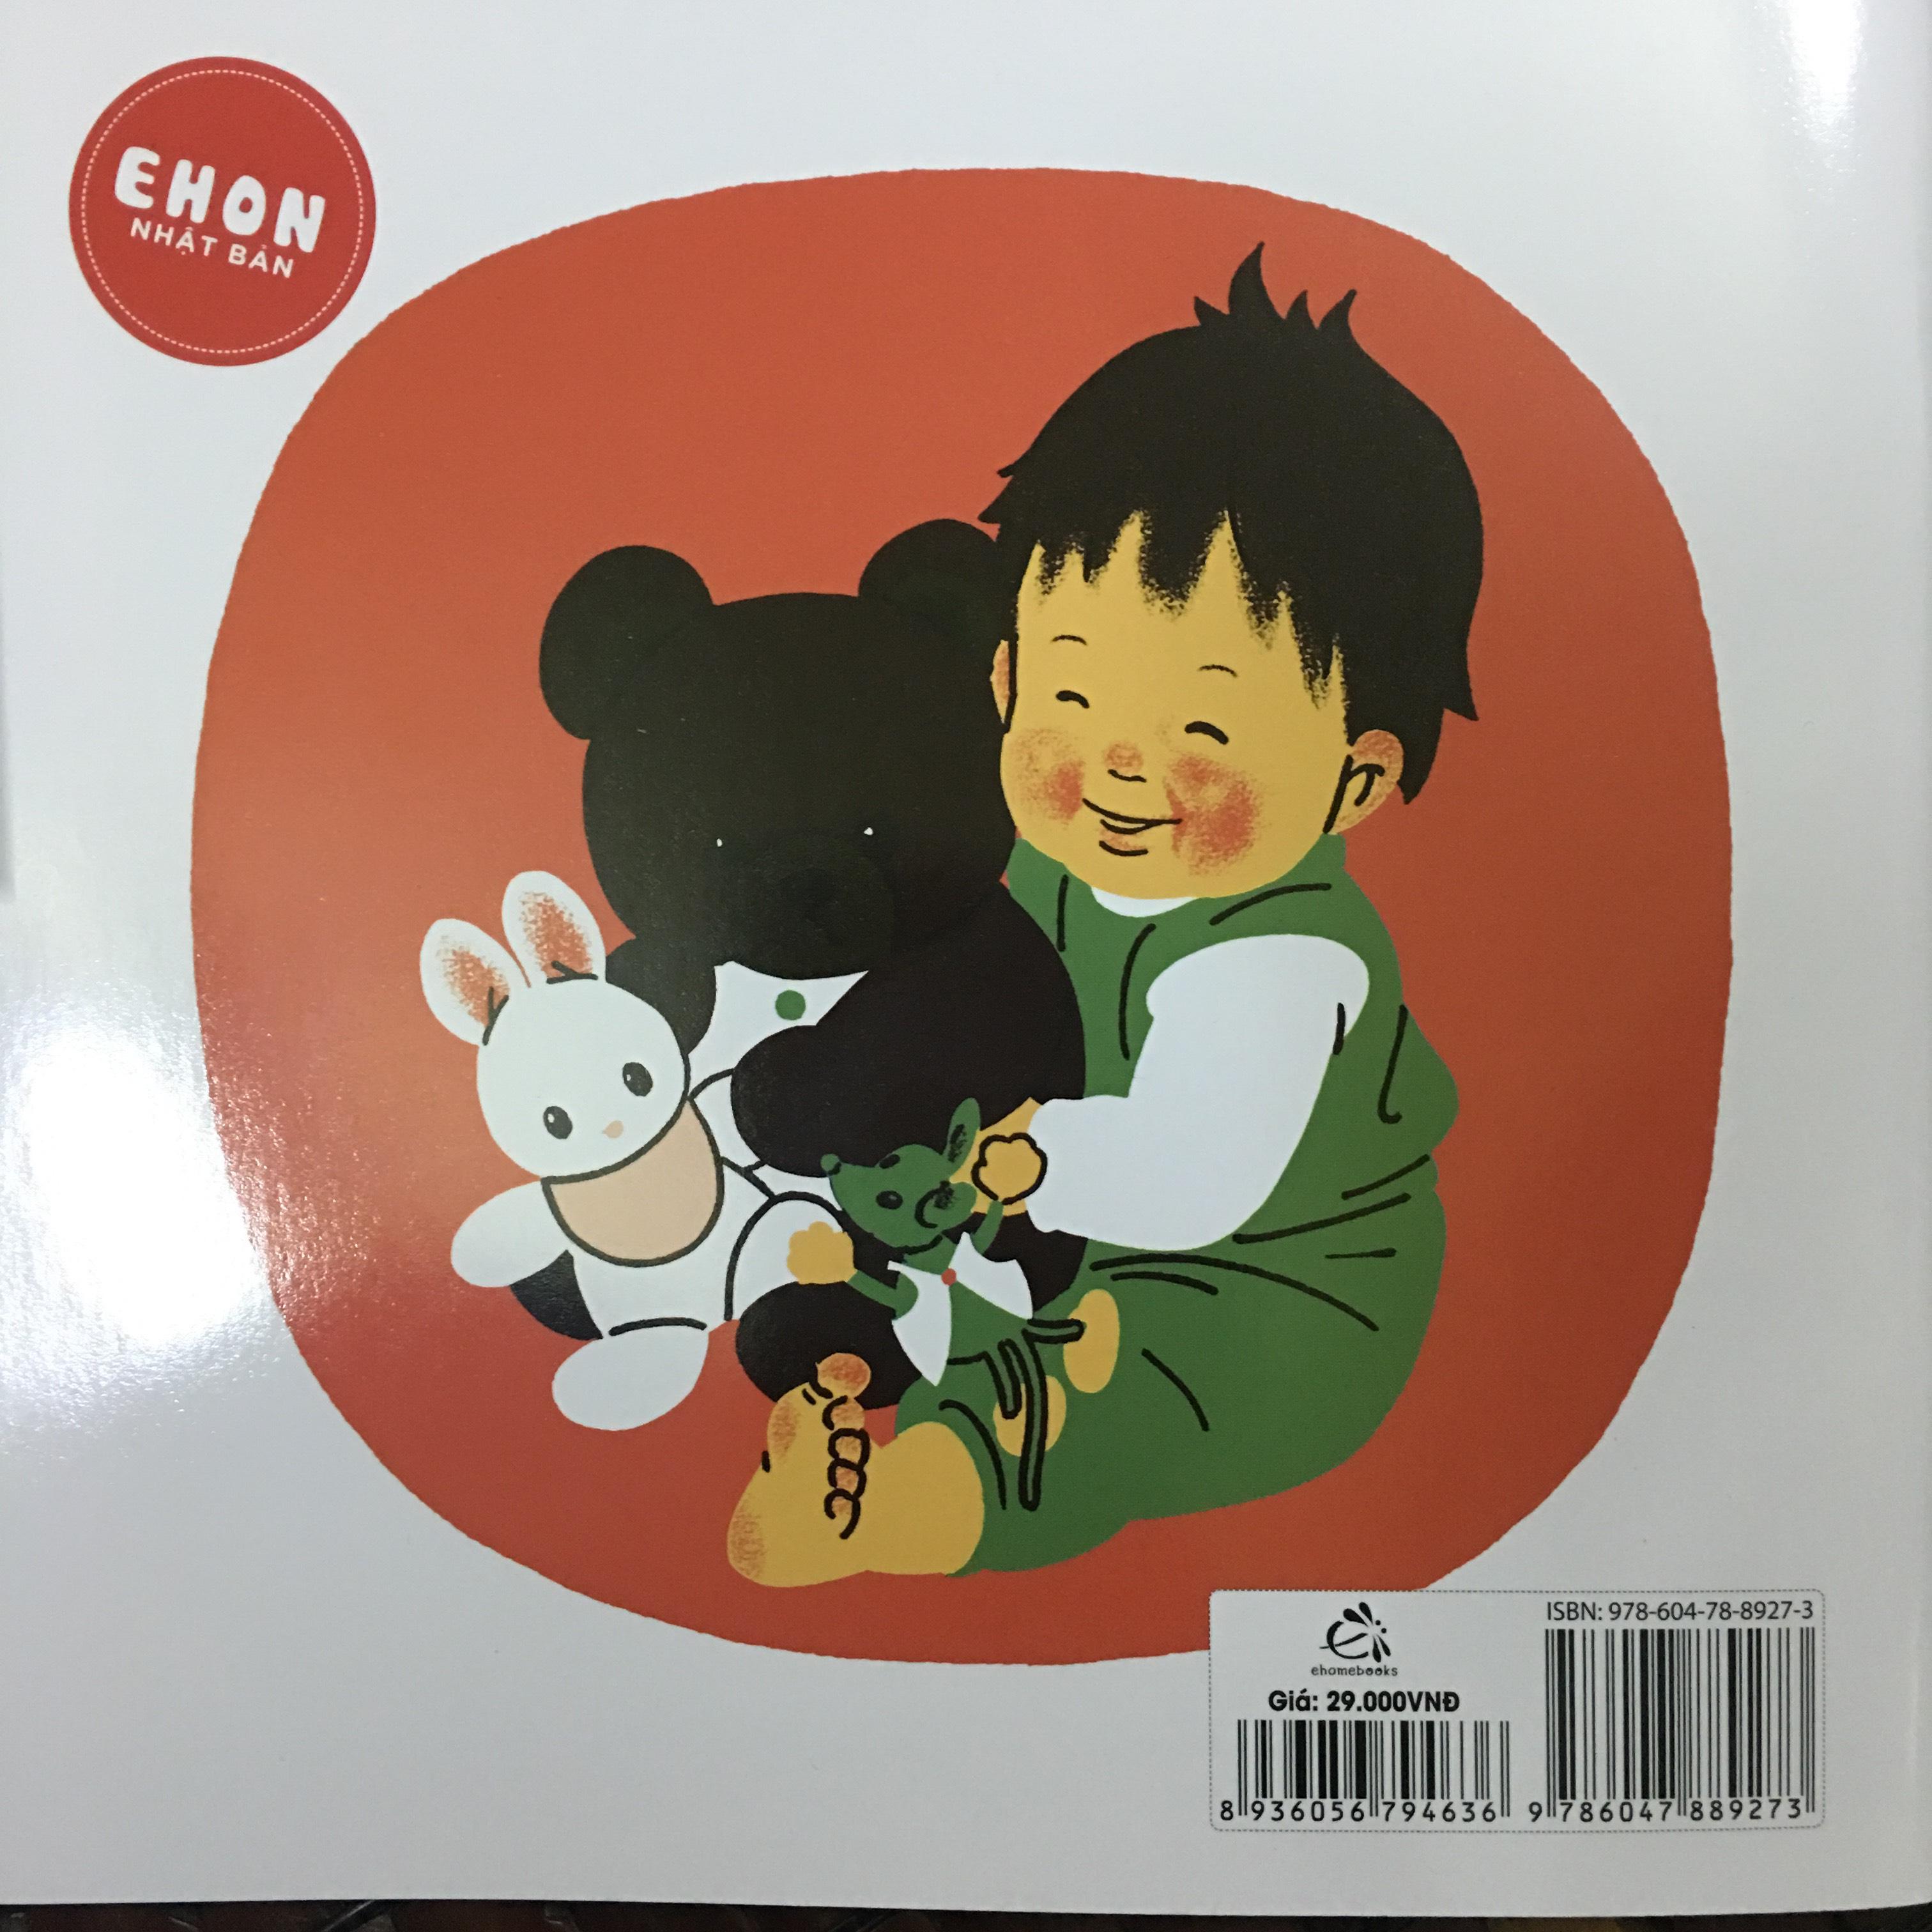 Combo Ehon Nhật Bản 4 cuốn (Tay xinh/ Giày nhỏ/ Chào mặt trăng/ Cùng lau)Tái bản 2019+ tặng kèm 1 vỉ nơ hình xinh ngẫu nhiên